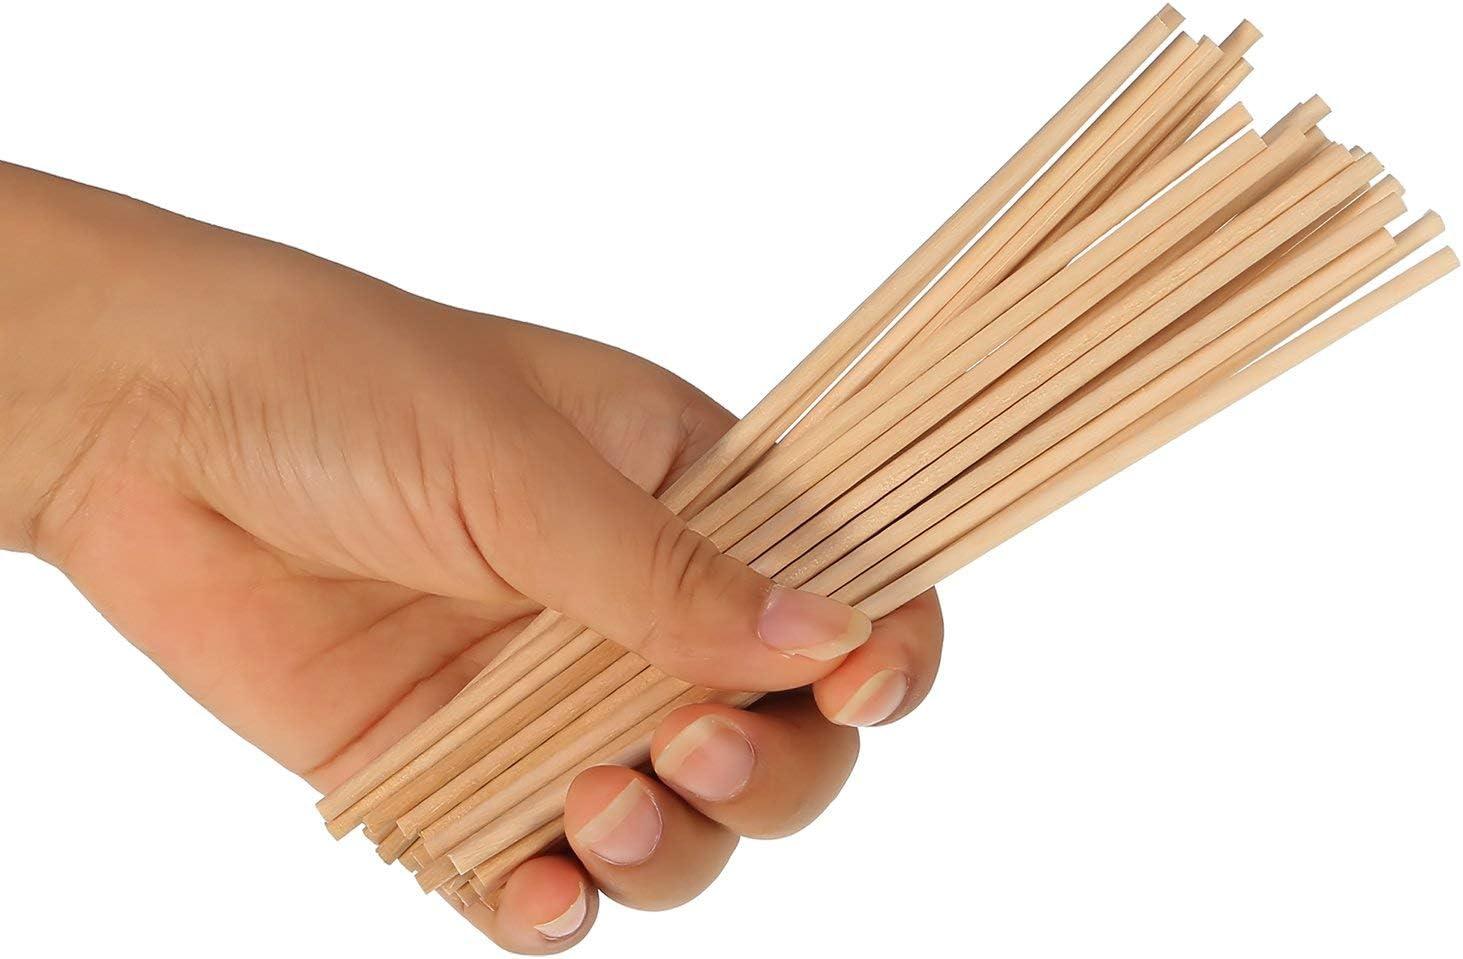 BOSSTER Holzst/äbe 100 teilige Holzst/äbchen 15 0.5cm Holzstab Bastelh/ölzer f/ür DIY Handwerk Modellprojekte Die Geb/äude Modell Kinder Lernspielzeug